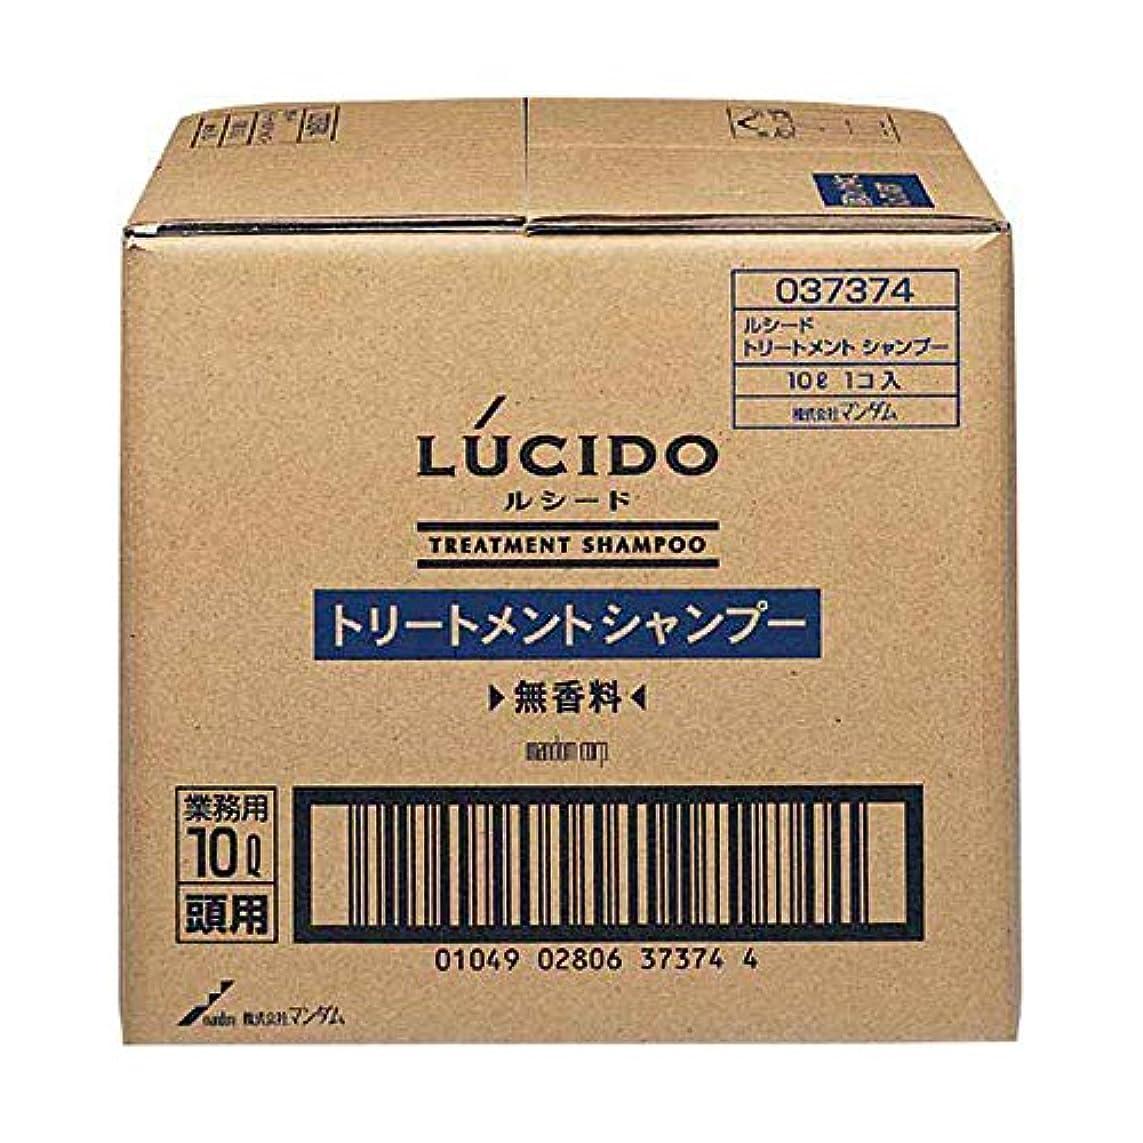 シビックルビーLUCIDO (ルシード) トリートメントシャンプー 業務用 10L